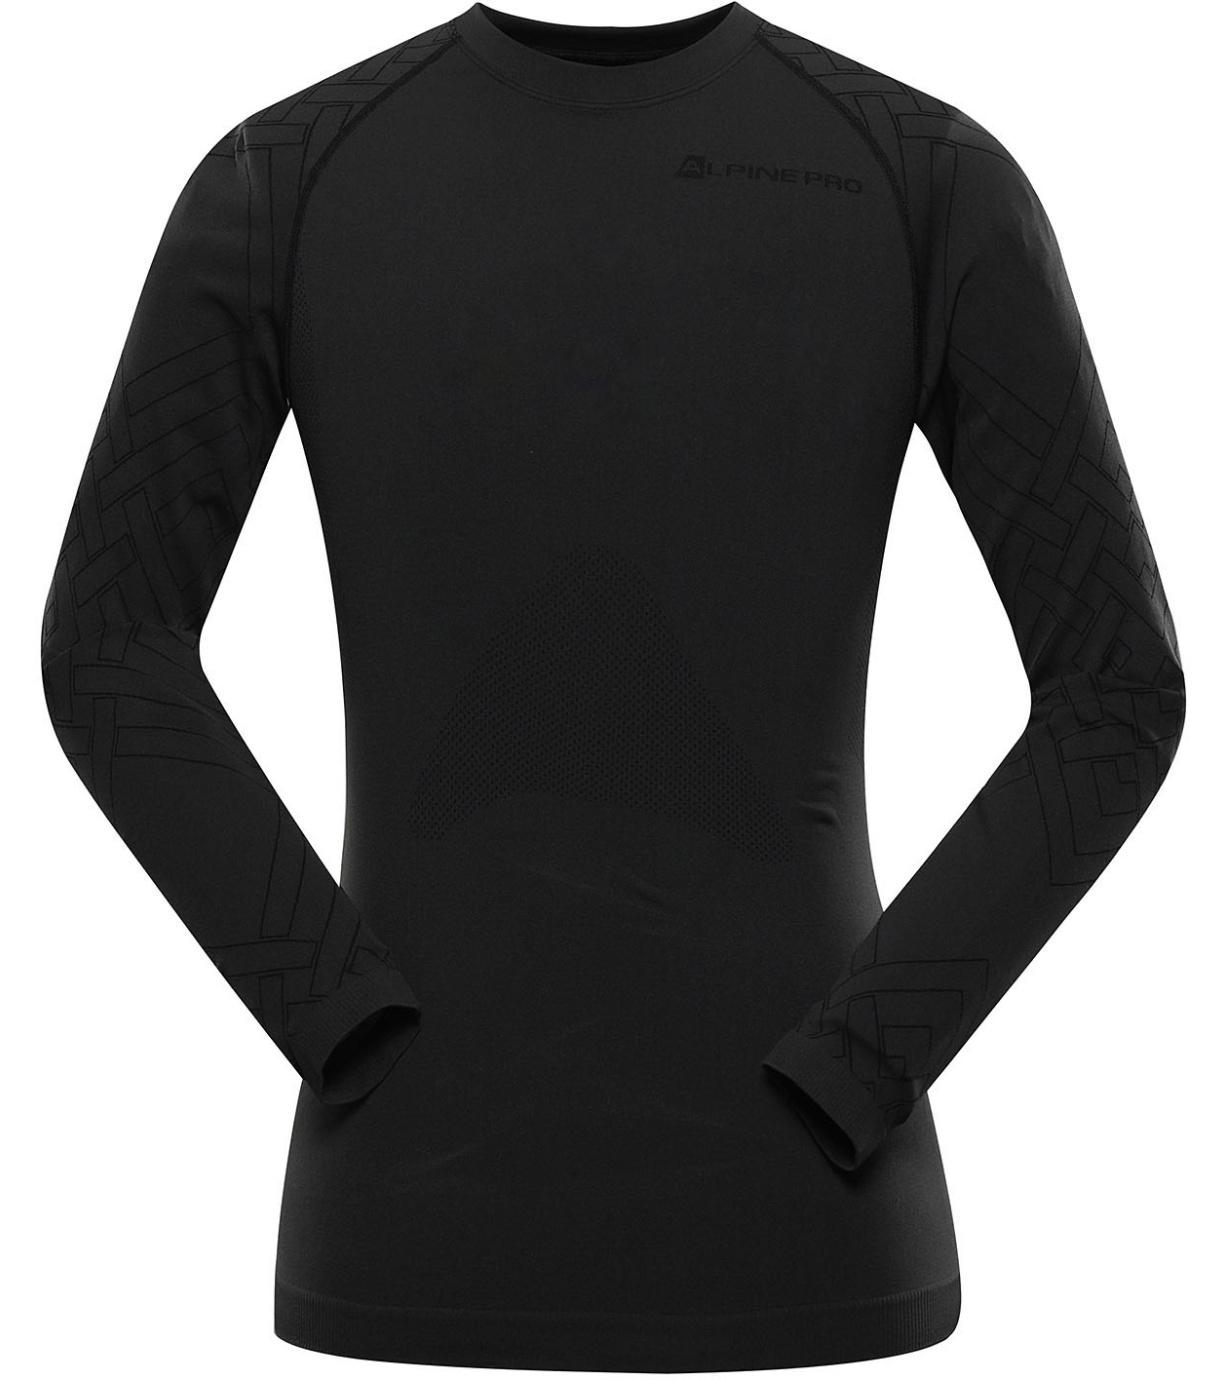 ALPINE PRO KRATHIS 6 Pánské termo triko s dlouhý rukáv MUNU067990PB černá XS-S